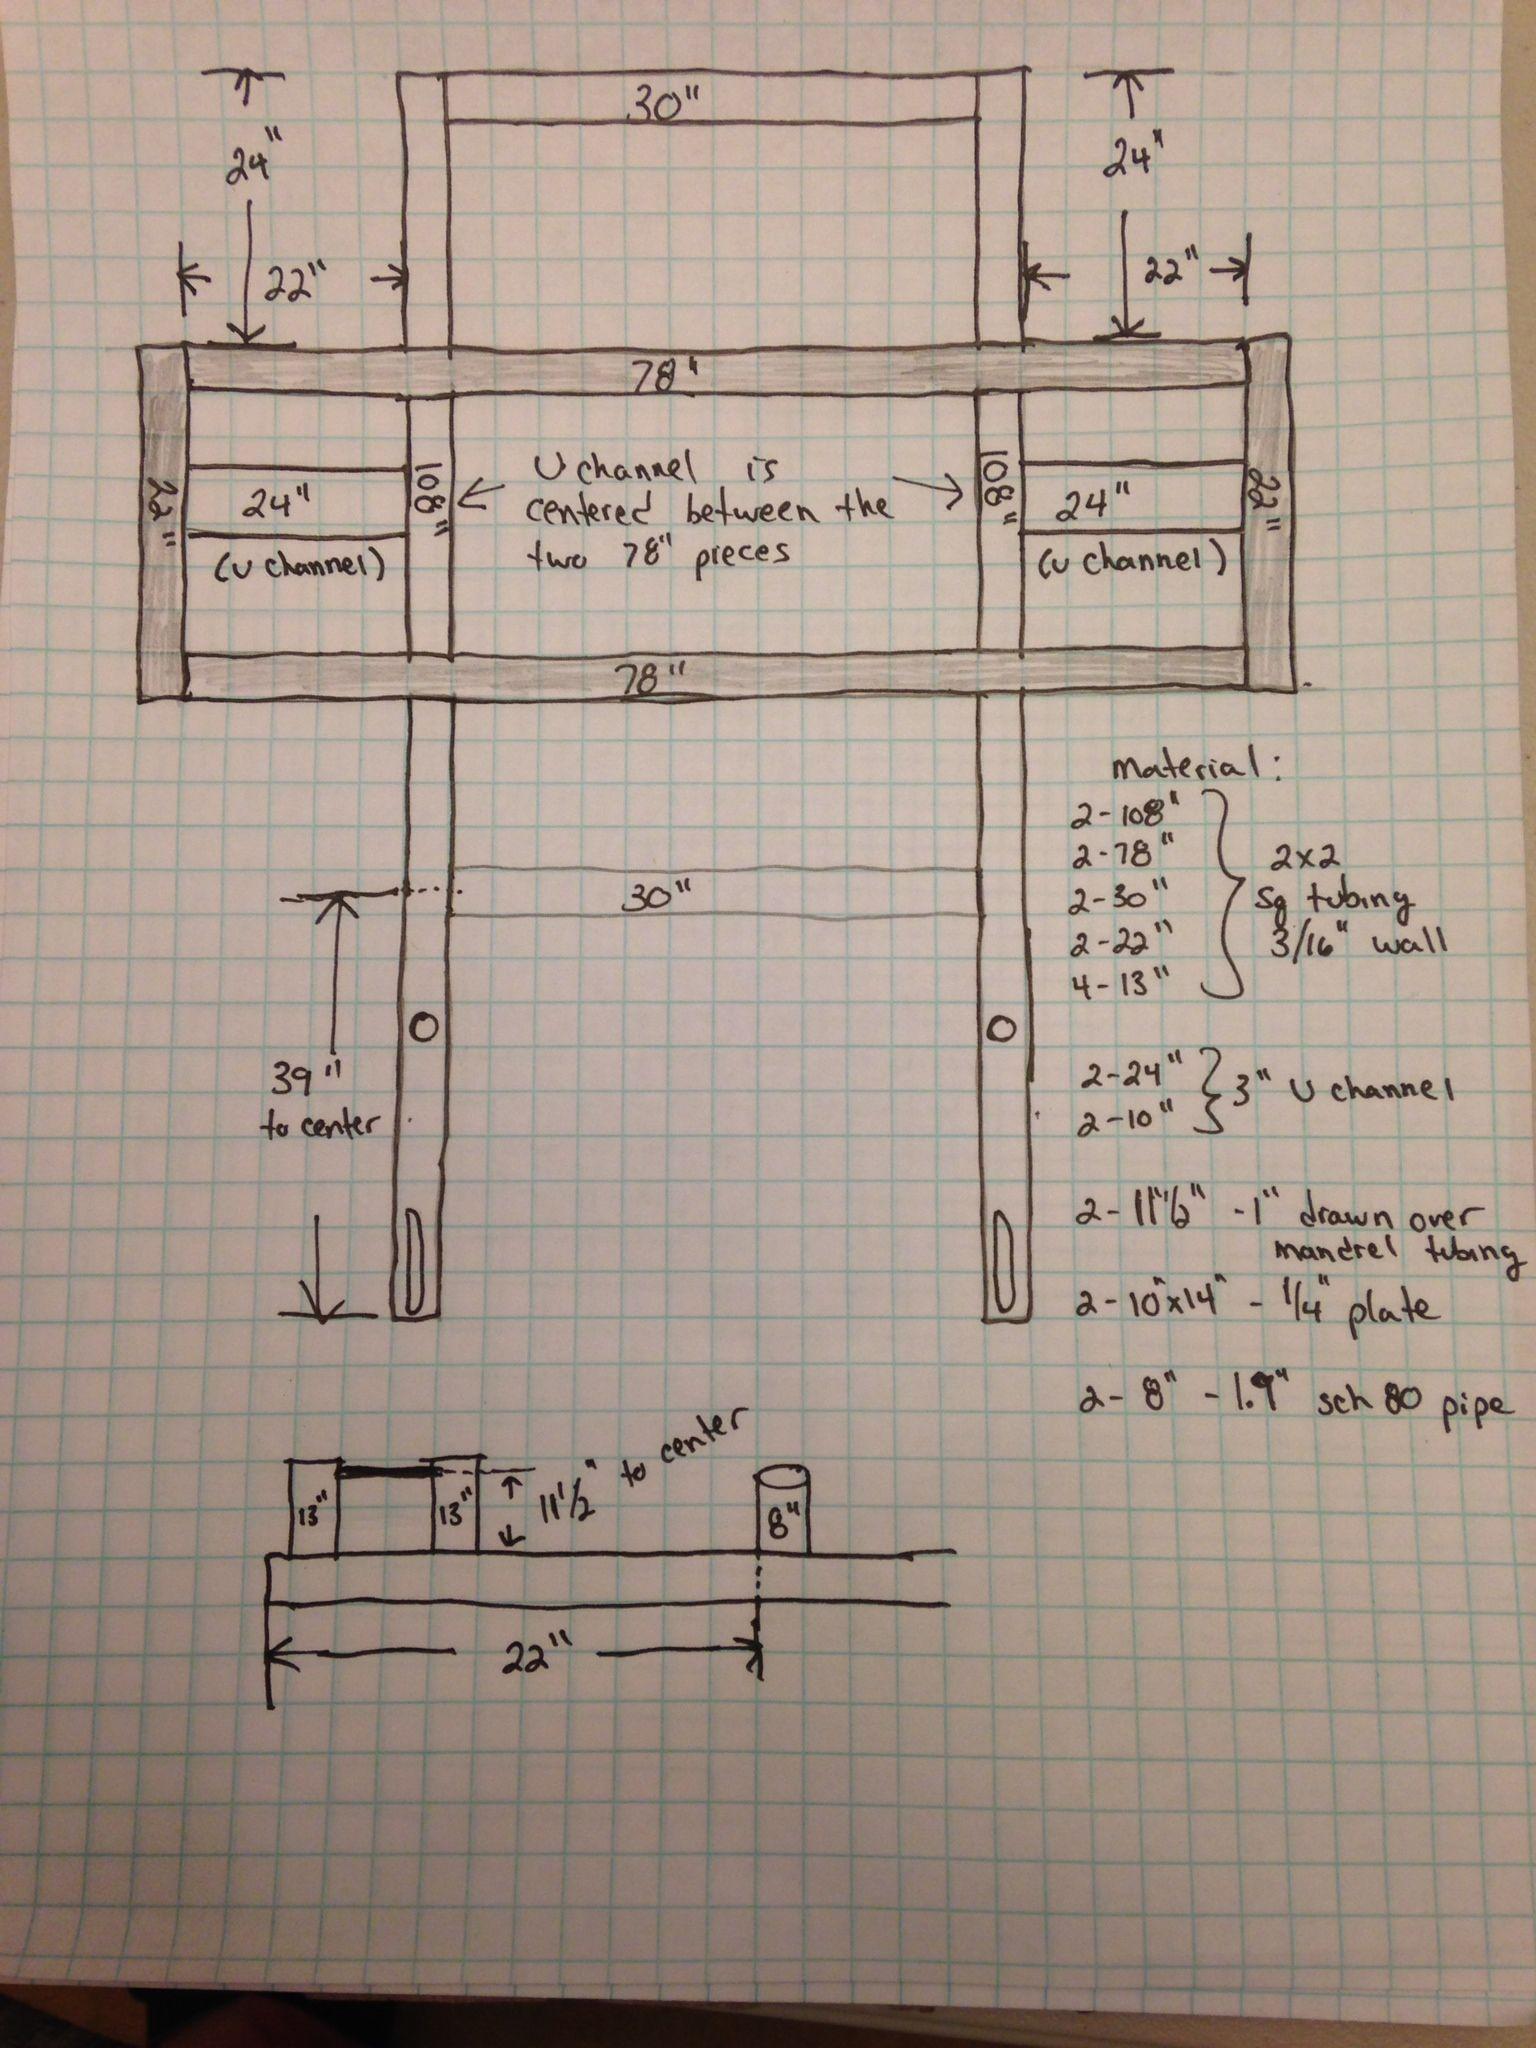 How To Build A Car Deadlift Frame Workout Pinterest Schematics Strongman Diy Cardeadlift